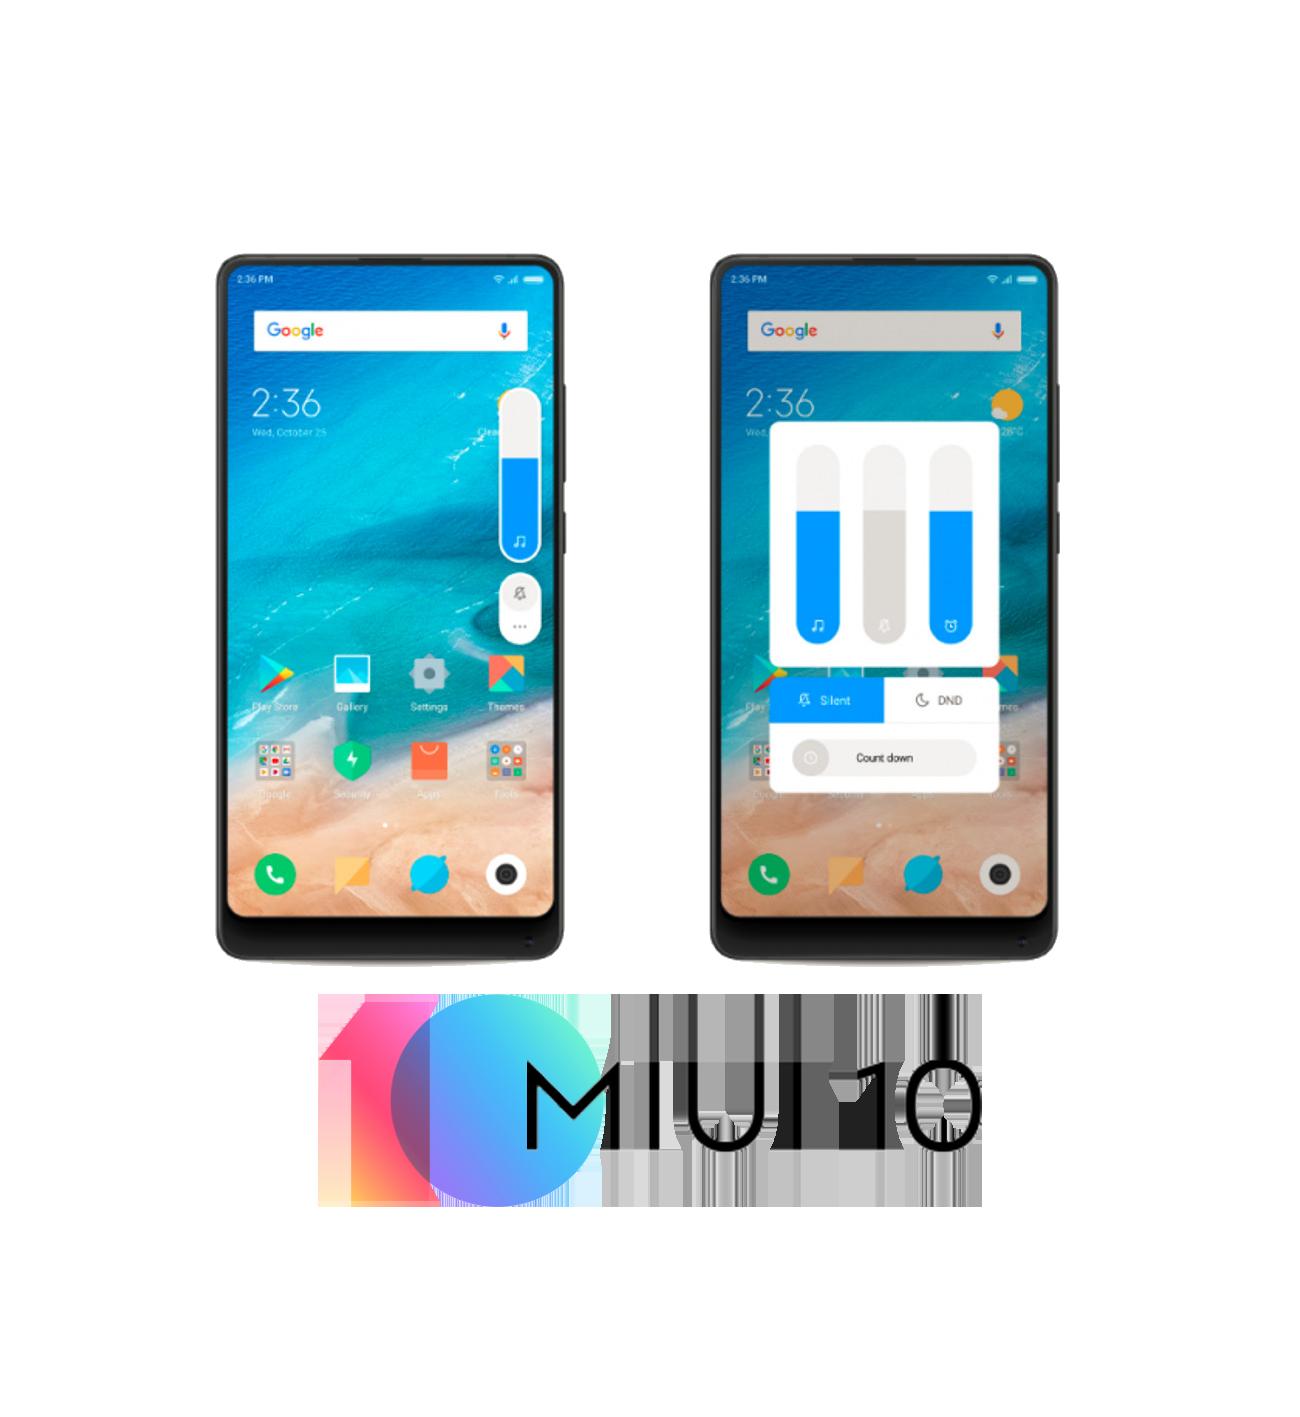 miui-10-volume-controls